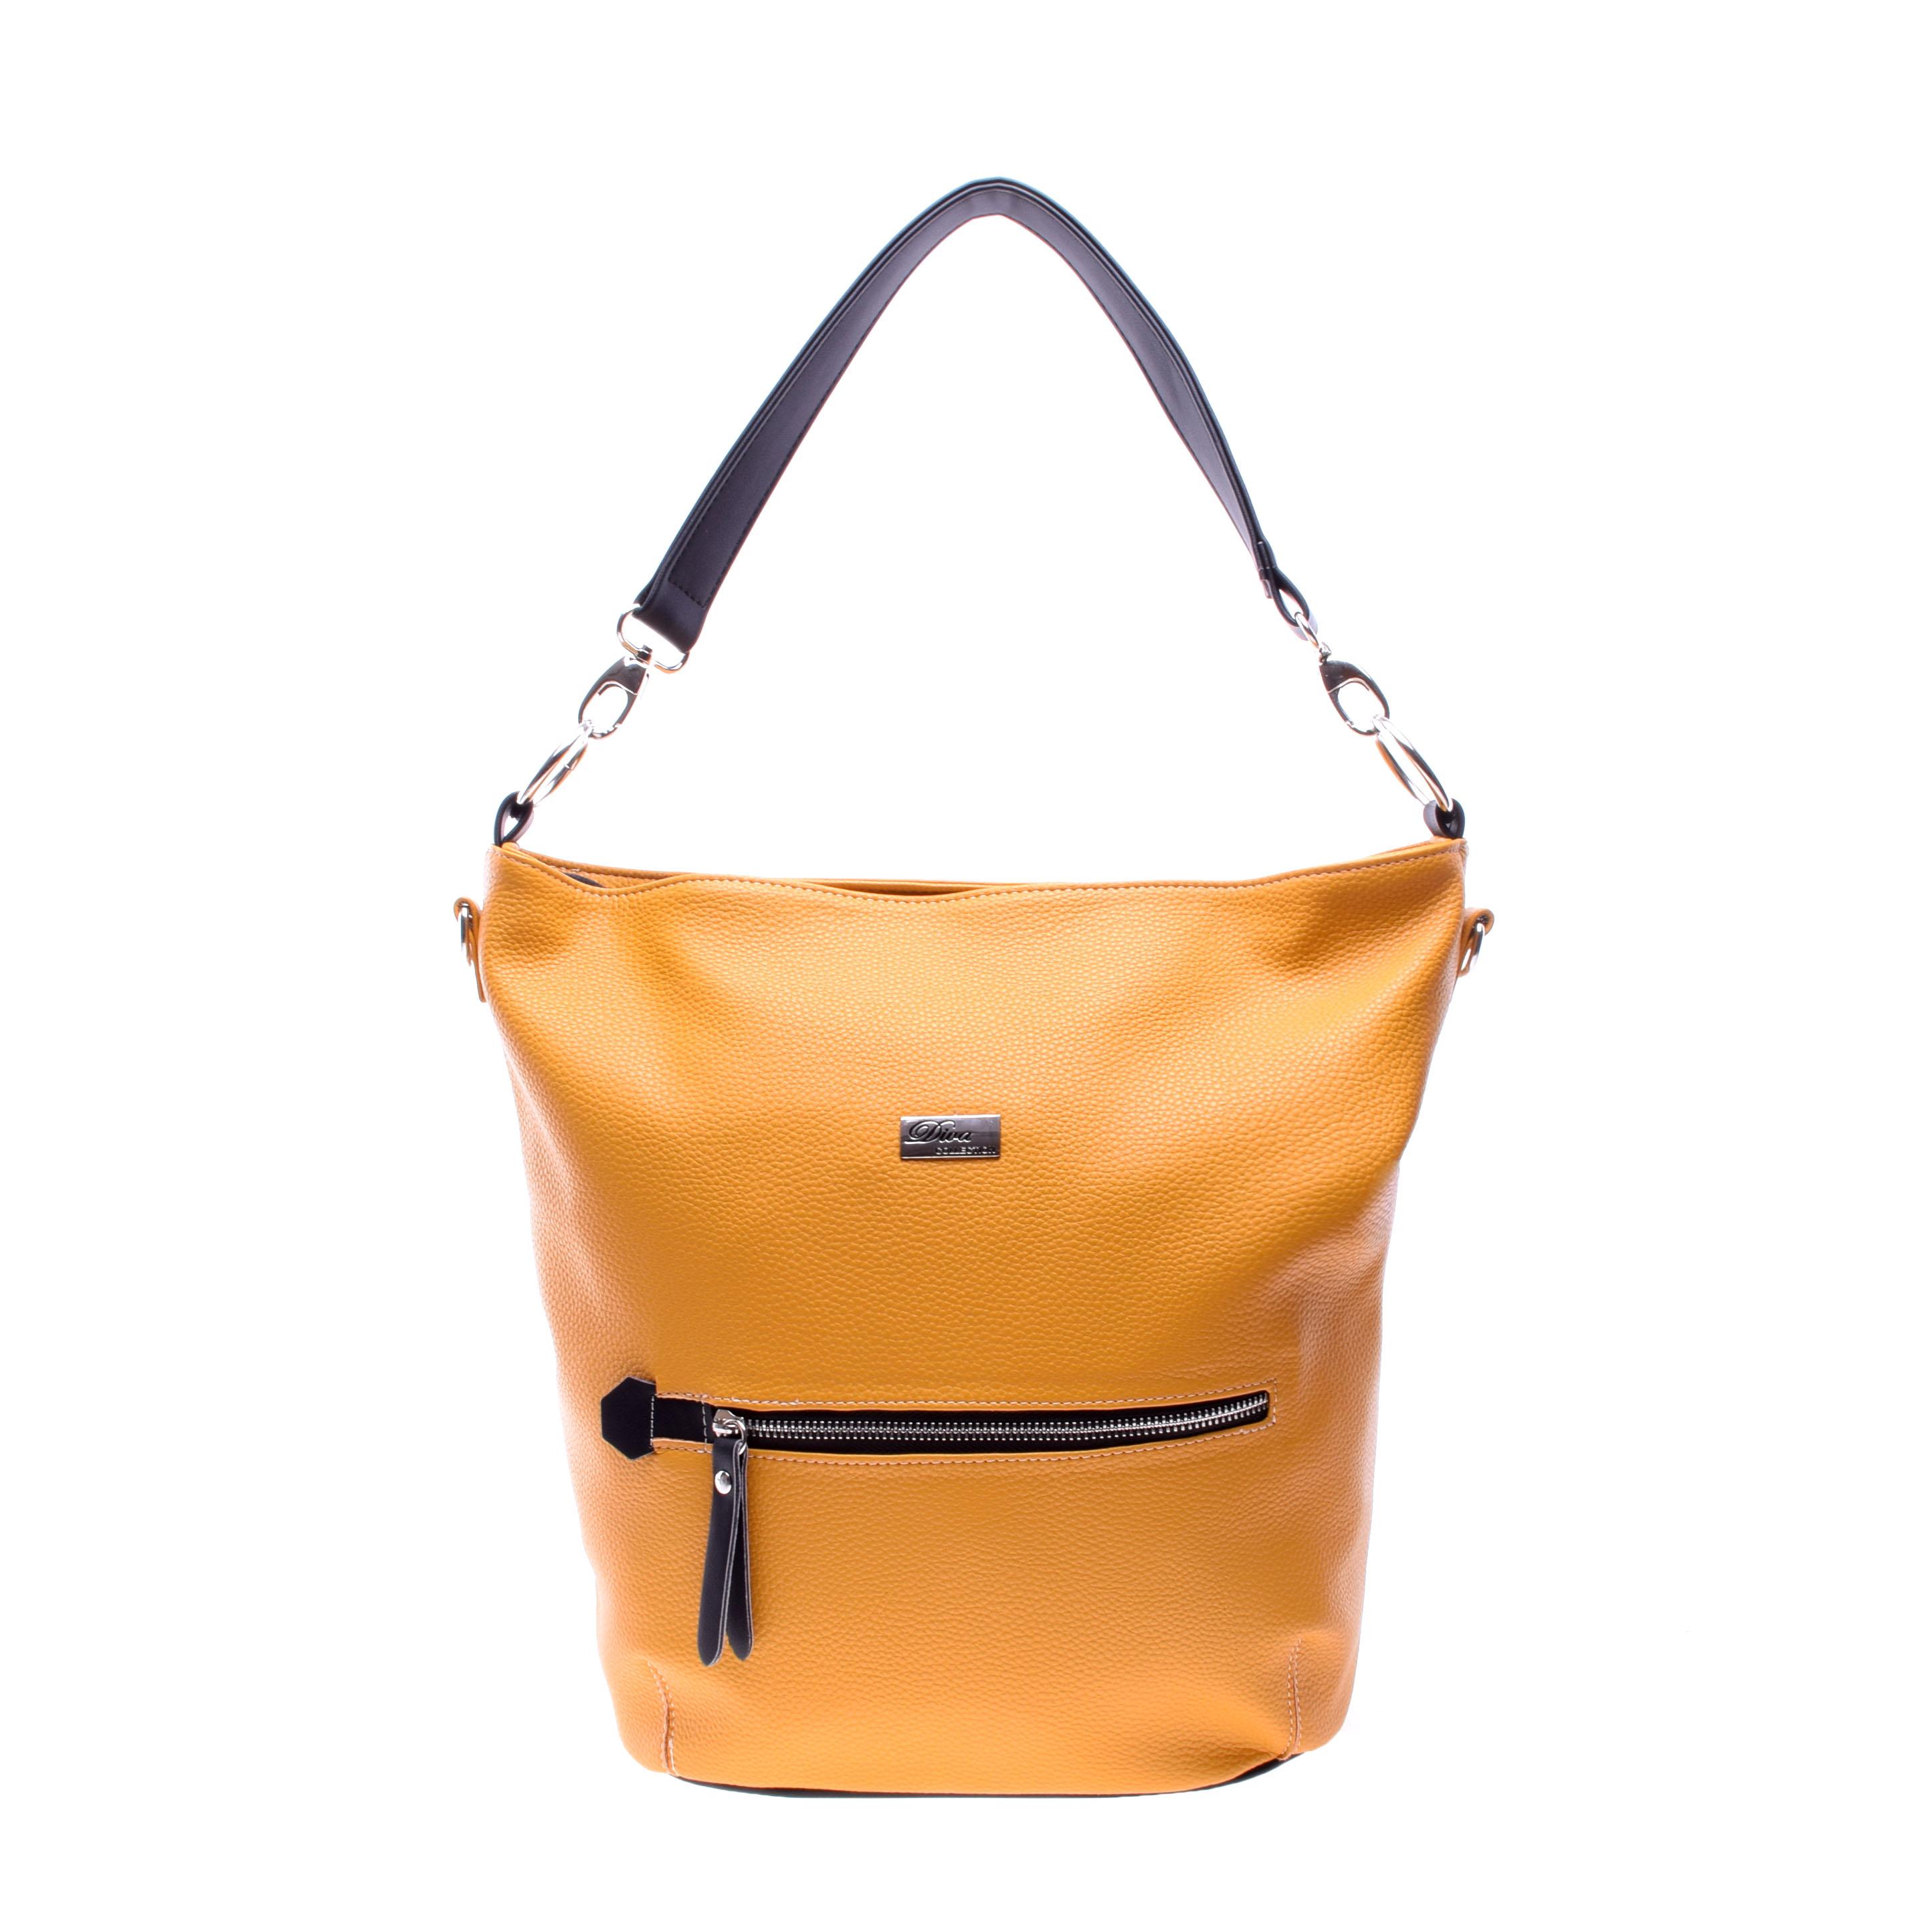 Diva Női Műbőr Sárga Válltáska - Válltáskák - Táska webáruház - Minőségi  táskák mindenkinek b4ce8cdd81